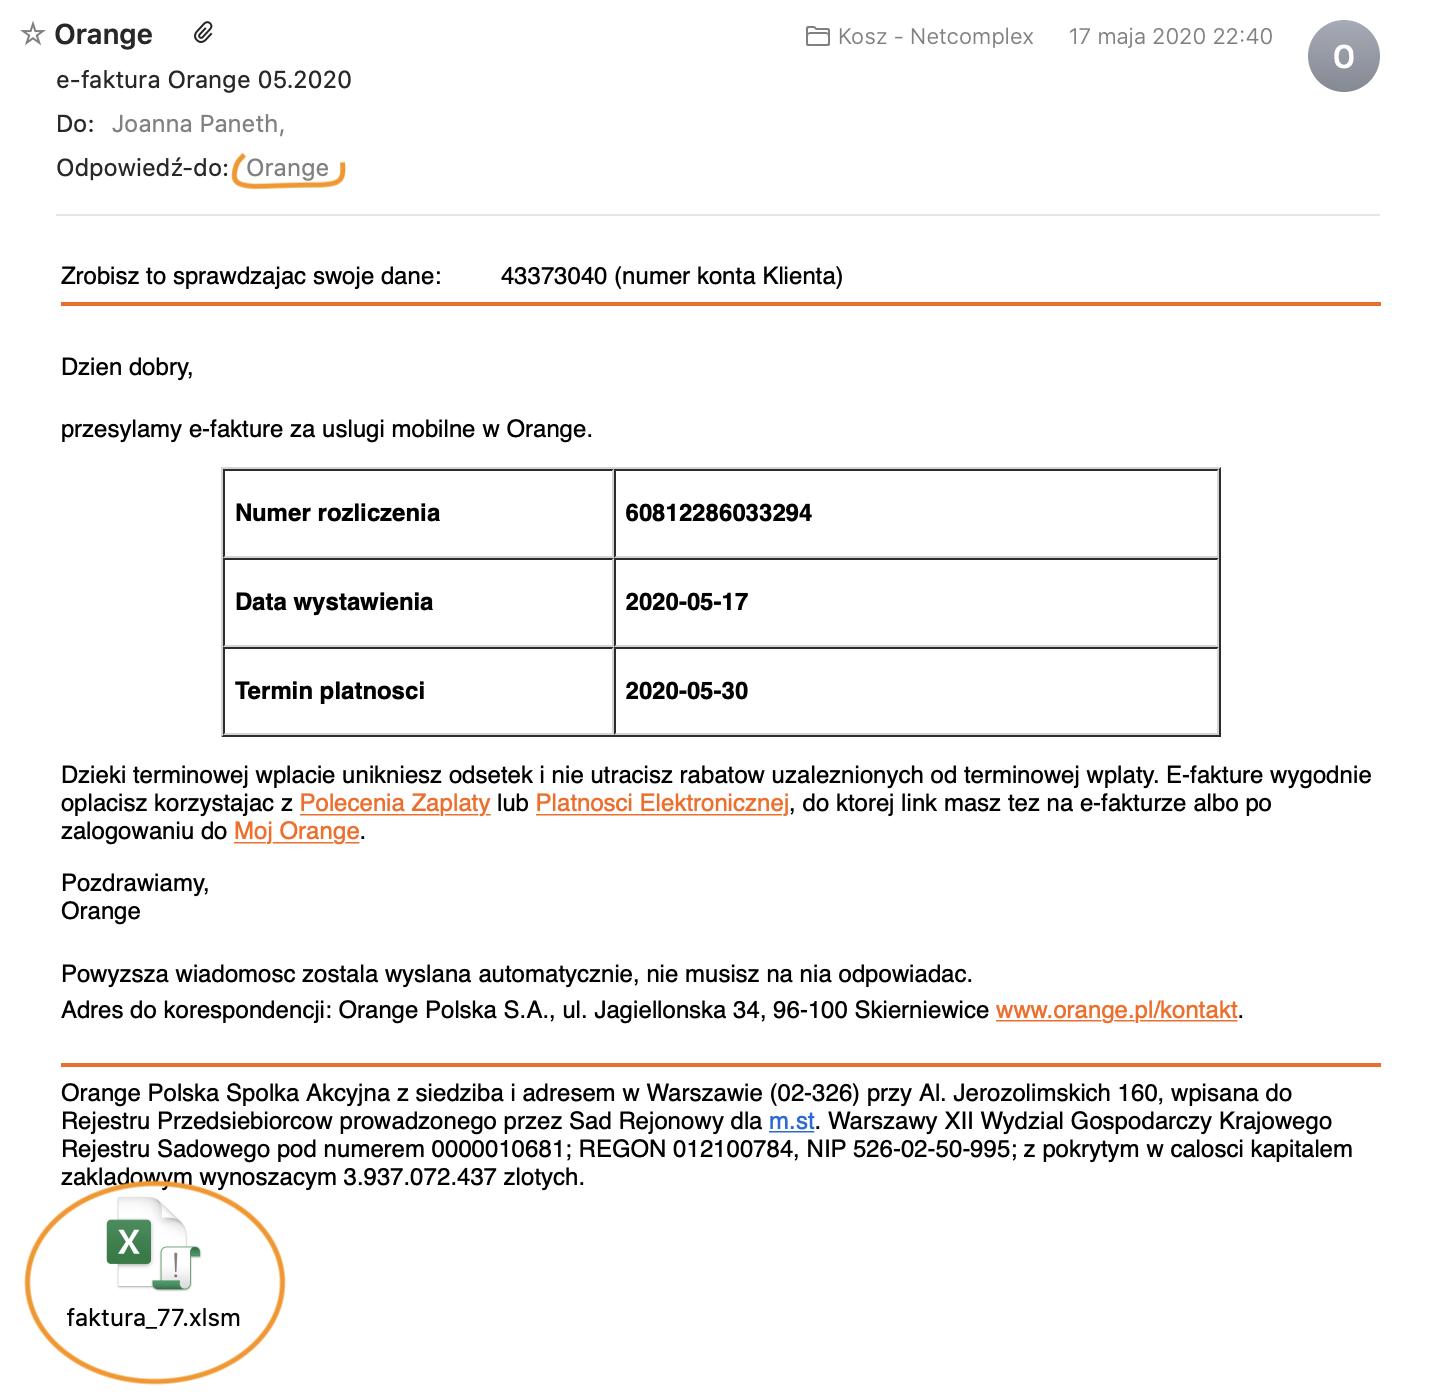 """fałszywe faktury - Sprawdź, zanim opłacisz! Uwaga nafałszywe e-faktury od""""Orange"""" - netcomplex"""